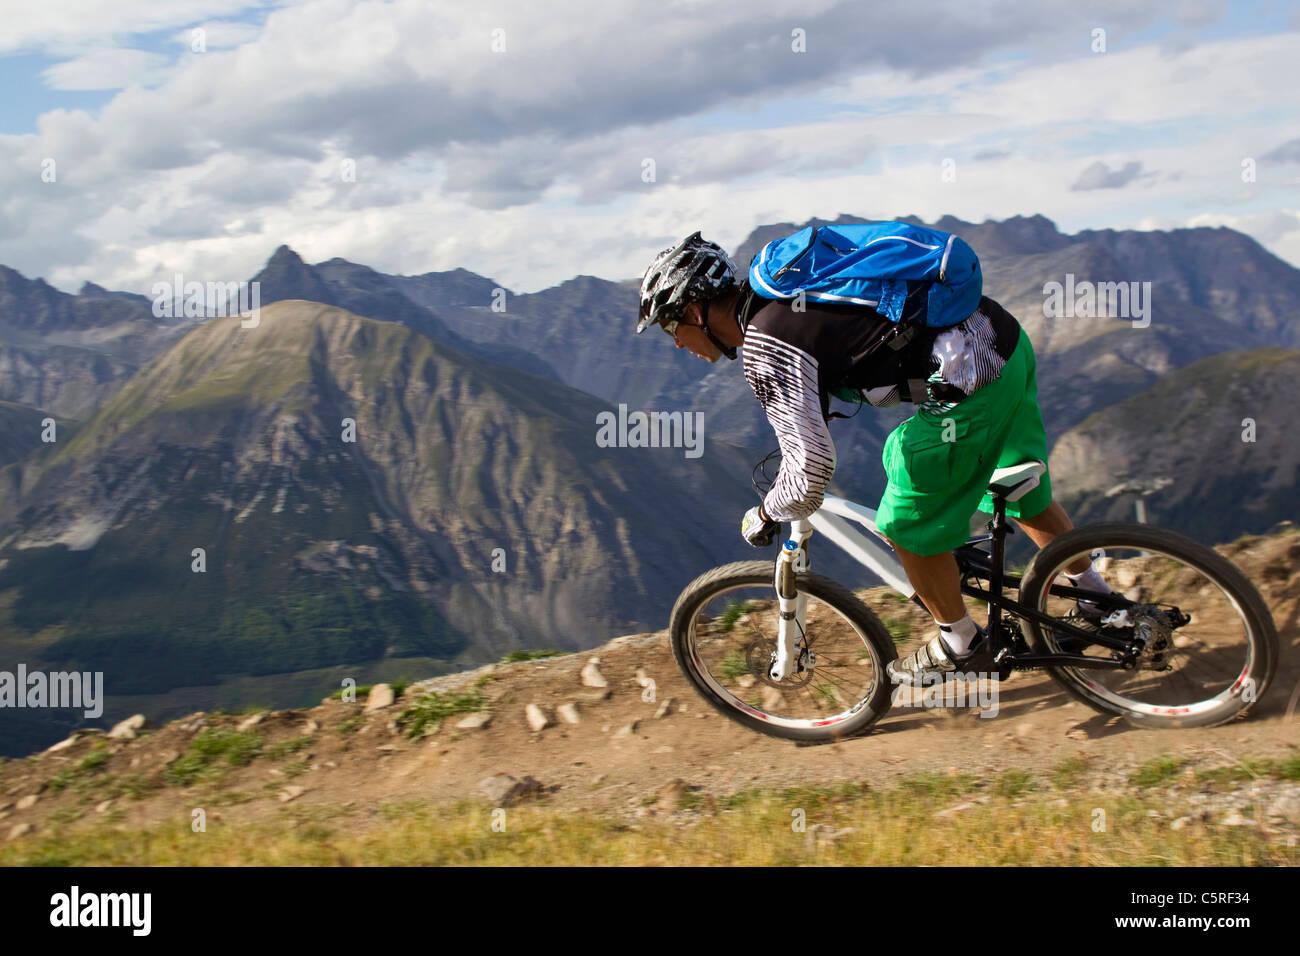 Italia, Livigno, visión del hombre montando en bicicleta de montaña cuesta abajo Imagen De Stock